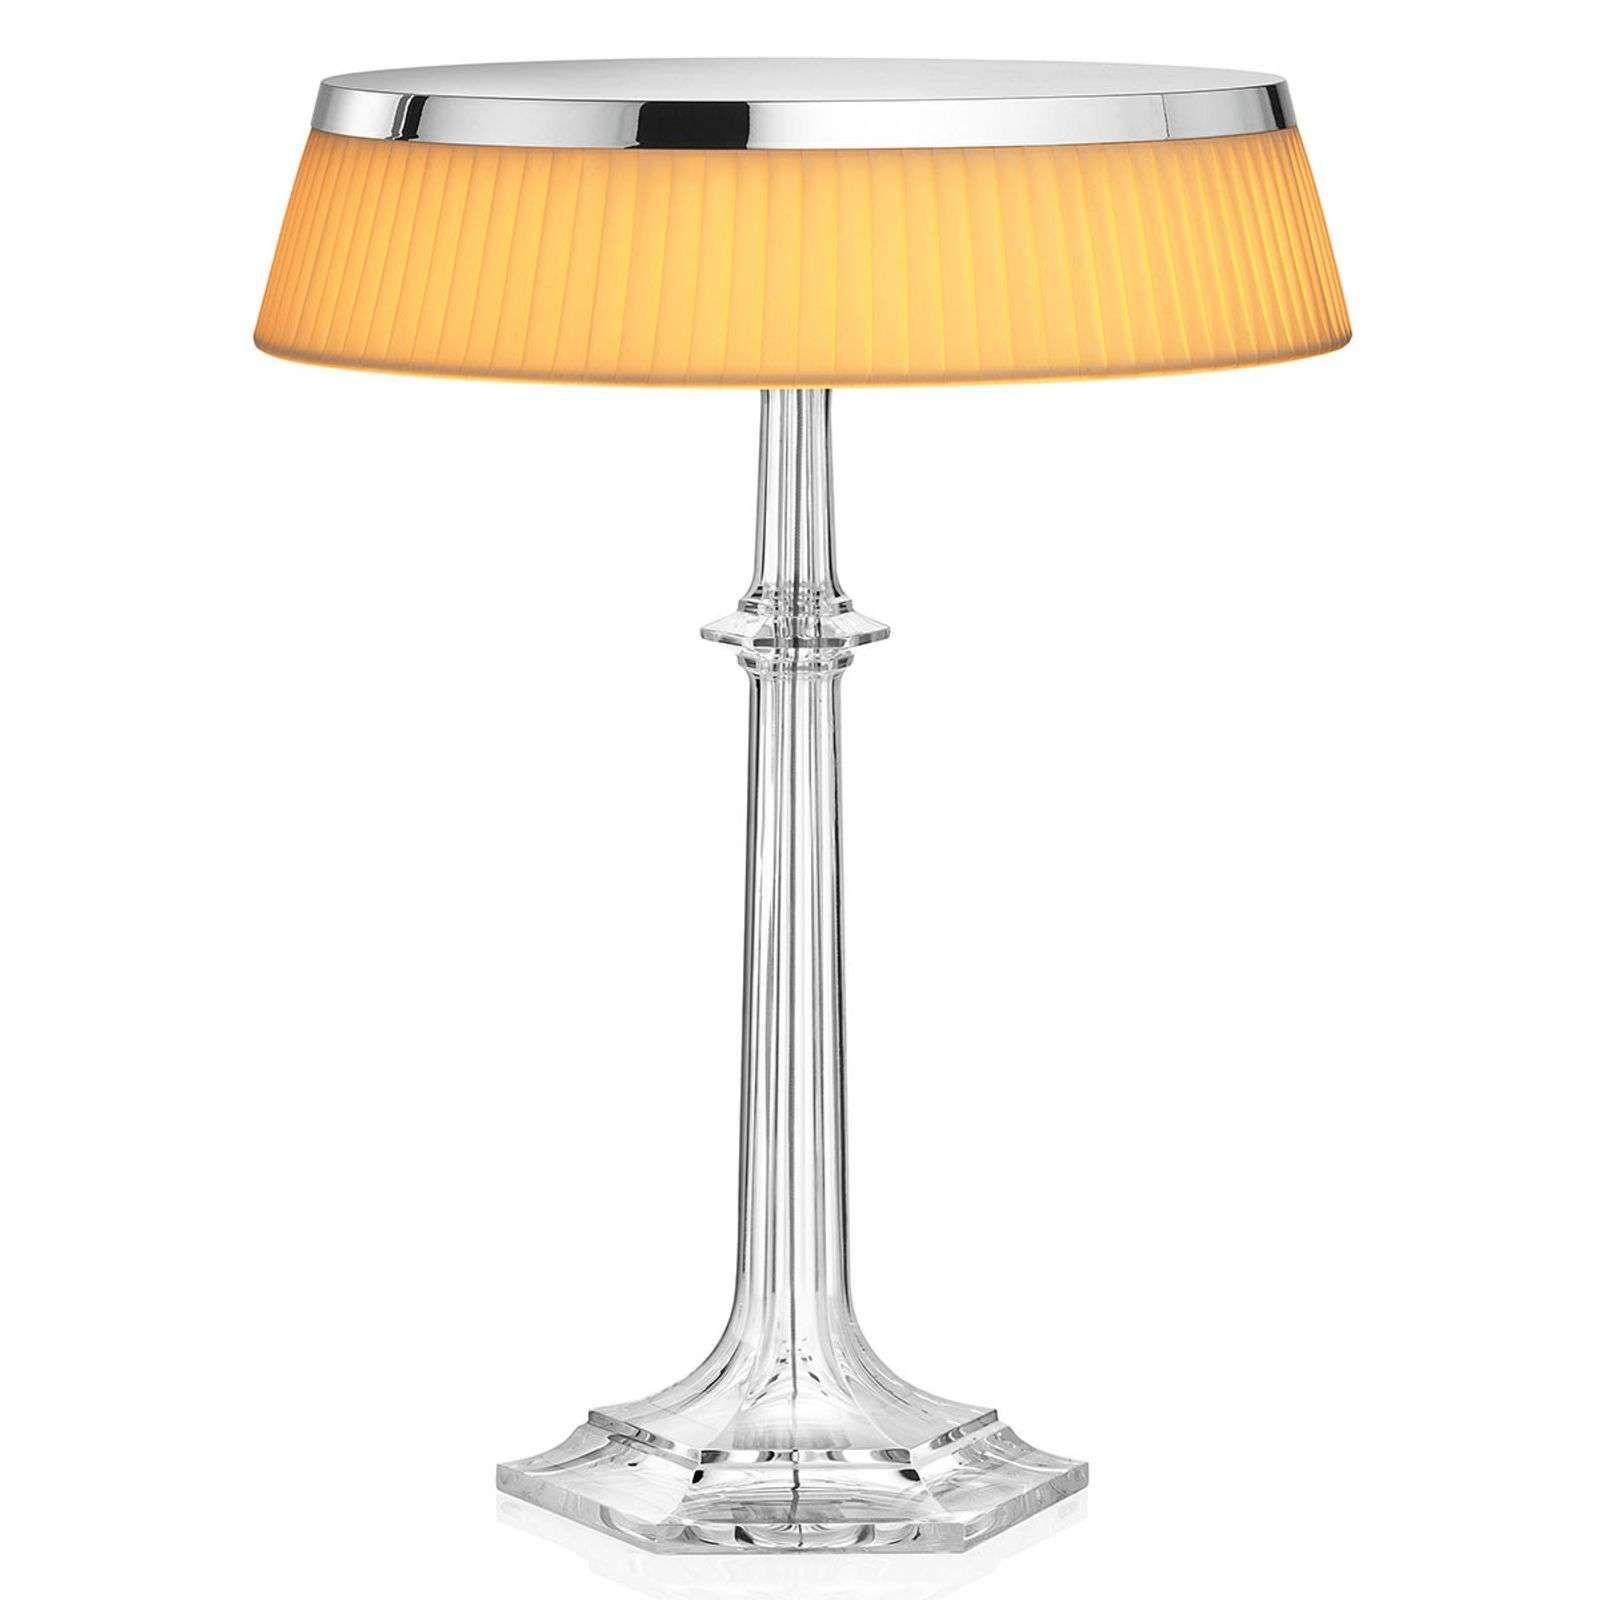 Bureaulamp Engels Touch Tafellamp Bol Tafellamp Moderne Design Tafellampen Tafellamp Goud Wit Lampe En Verre Lampe A Poser Led